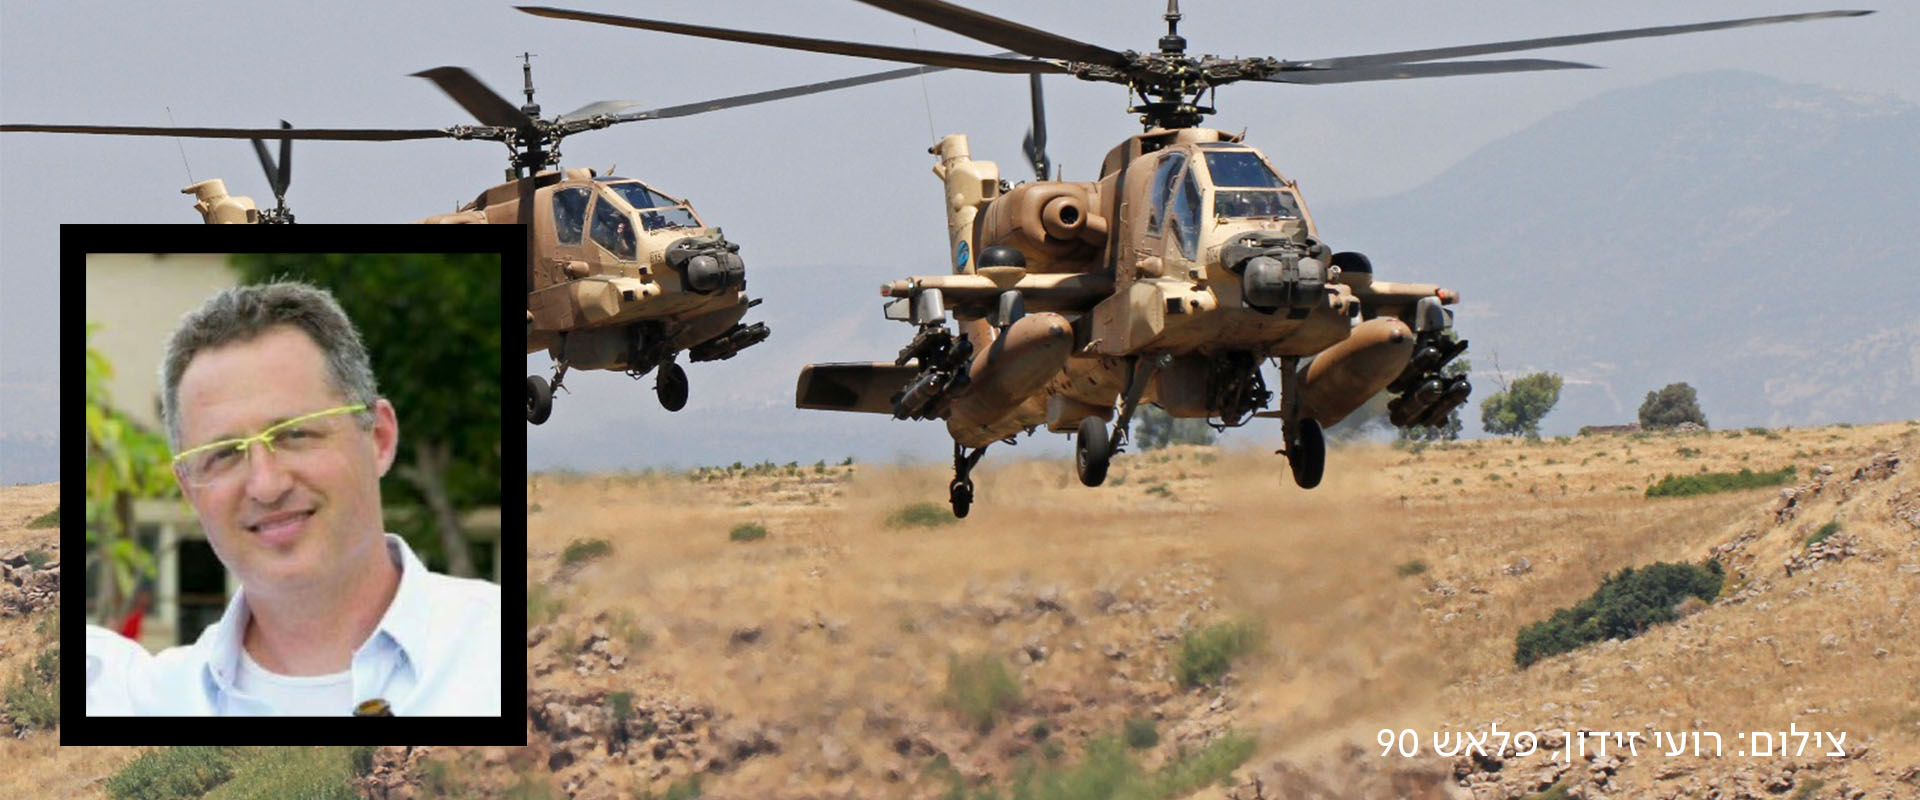 מסוק אפא'צי של חיל האוויר